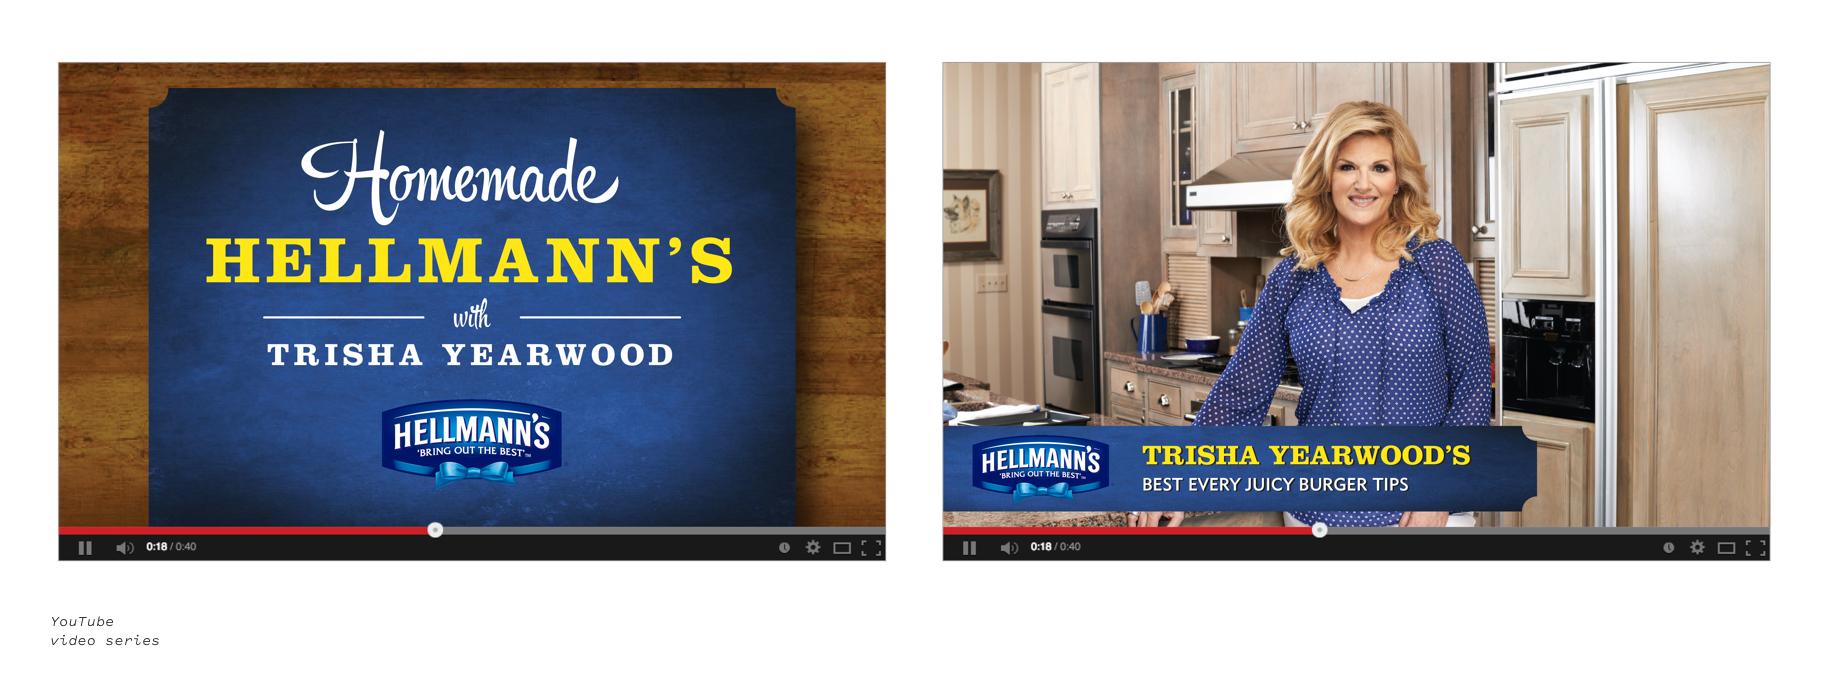 Hellmann's YouTube Recipe Channel